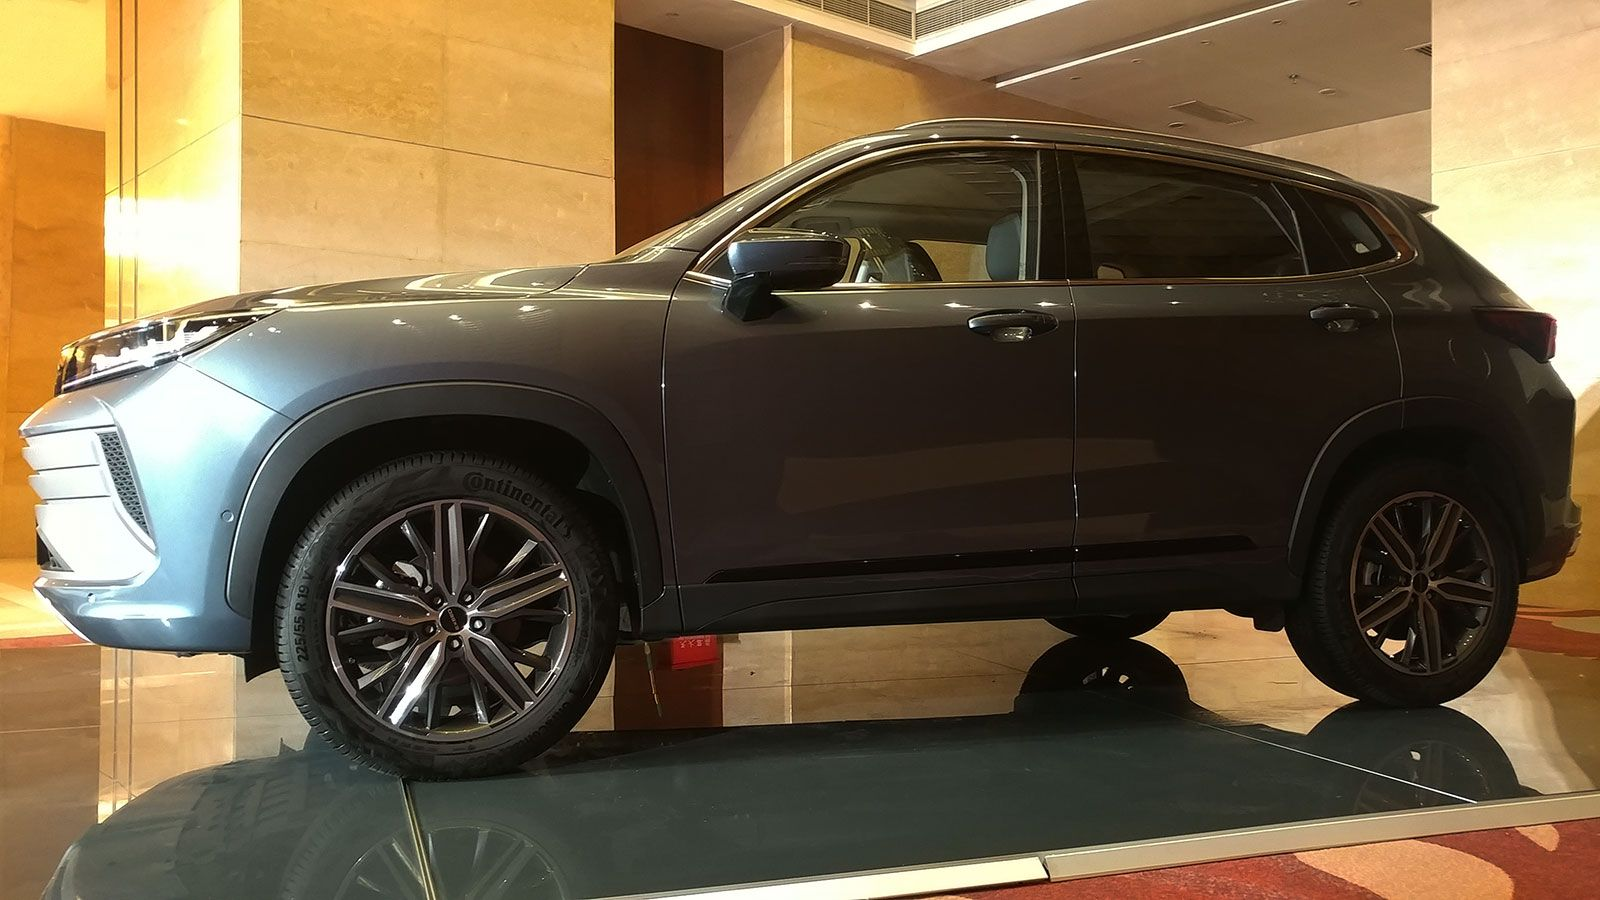 12.59万元起 顶配才15万多点 紧凑级豪华SUV星途LX上市